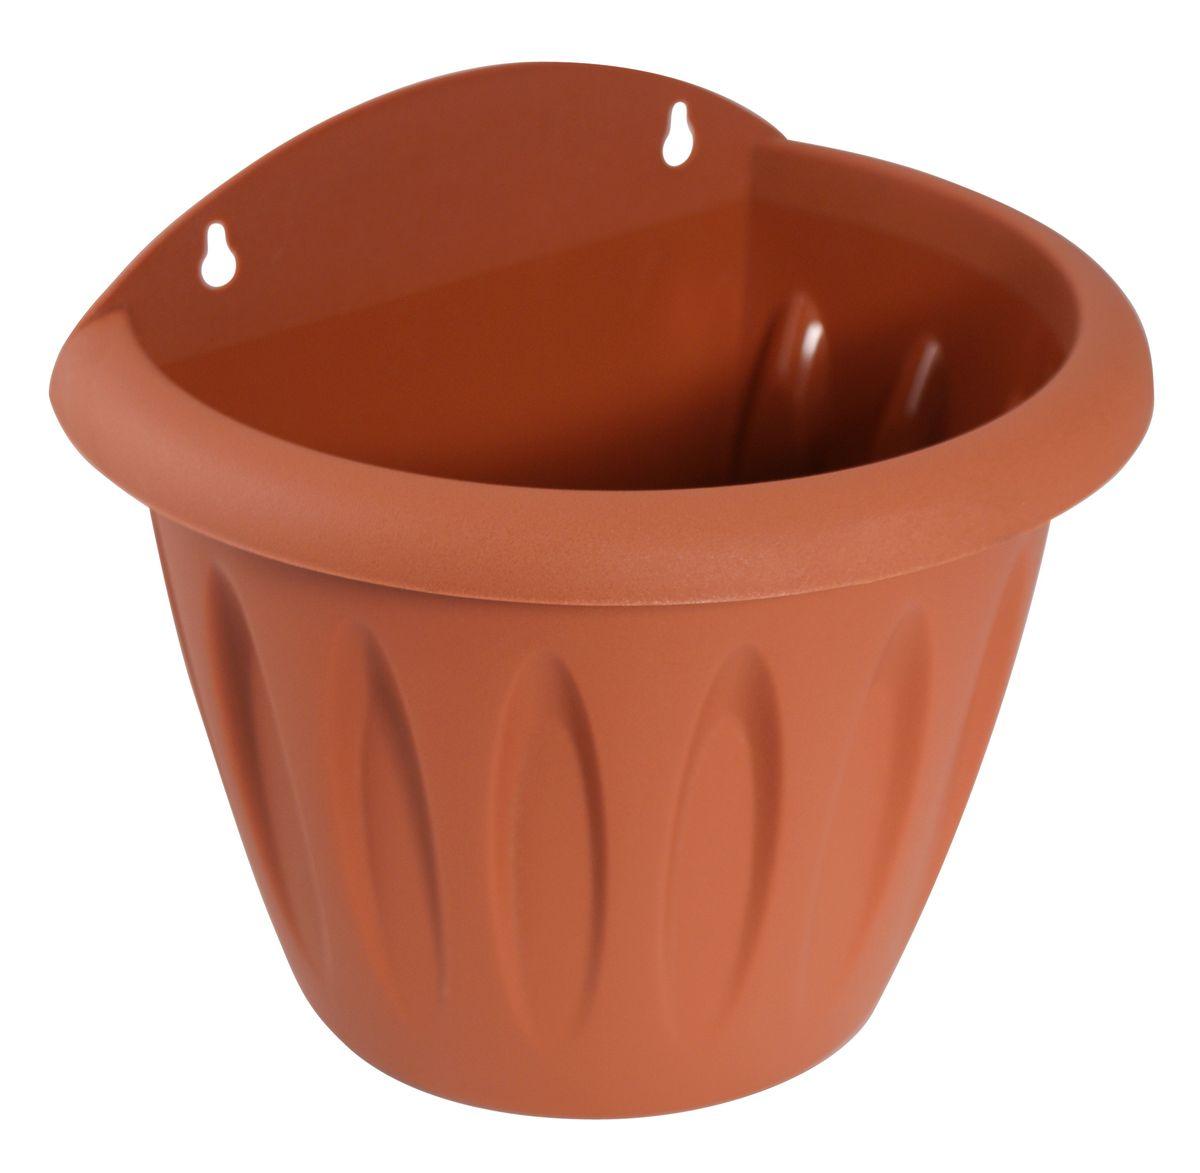 Кашпо настенное Martika Фелиция, цвет: терракотовый, 20 х 14,6 х 17,3 смMRC121TЛюбой, даже самый современный и продуманный интерьер будет не завершённым без растений. Они не только очищают воздух и насыщают его кислородом, но и заметно украшают окружающее пространство. Такому полезному &laquo члену семьи&raquoпросто необходимо красивое и функциональное кашпо, оригинальный горшок или необычная ваза! Мы предлагаем - Кашпо настенное d=20 см Фелиция, цвет терракот!Оптимальный выбор материала &mdash &nbsp пластмасса! Почему мы так считаем? Малый вес. С лёгкостью переносите горшки и кашпо с места на место, ставьте их на столики или полки, подвешивайте под потолок, не беспокоясь о нагрузке. Простота ухода. Пластиковые изделия не нуждаются в специальных условиях хранения. Их&nbsp легко чистить &mdashдостаточно просто сполоснуть тёплой водой. Никаких царапин. Пластиковые кашпо не царапают и не загрязняют поверхности, на которых стоят. Пластик дольше хранит влагу, а значит &mdashрастение реже нуждается в поливе. Пластмасса не пропускает воздух &mdashкорневой системе растения не грозят резкие перепады температур. Огромный выбор форм, декора и расцветок &mdashвы без труда подберёте что-то, что идеально впишется в уже существующий интерьер.Соблюдая нехитрые правила ухода, вы можете заметно продлить срок службы горшков, вазонов и кашпо из пластика: всегда учитывайте размер кроны и корневой системы растения (при разрастании большое растение способно повредить маленький горшок)берегите изделие от воздействия прямых солнечных лучей, чтобы кашпо и горшки не выцветалидержите кашпо и горшки из пластика подальше от нагревающихся поверхностей.Создавайте прекрасные цветочные композиции, выращивайте рассаду или необычные растения, а низкие цены позволят вам не ограничивать себя в выборе.